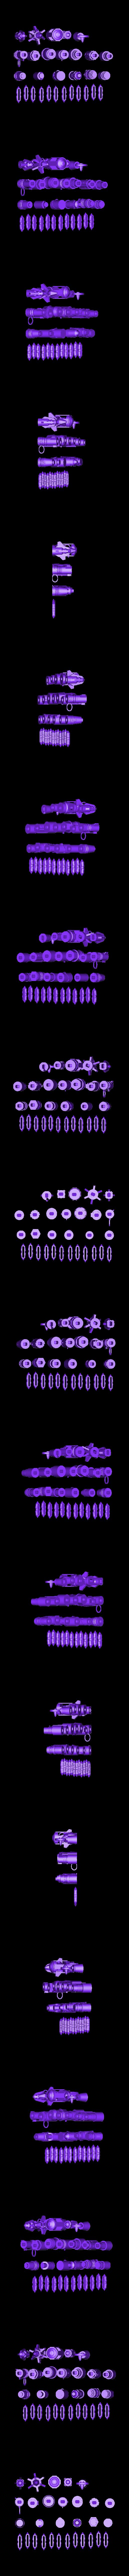 custom_sonic_driver_building_set_drwho_sonicdriver_sonic_driver_customize.stl Télécharger fichier STL gratuit Dr Who Sonic Driver Builder Kit de constructeur de pilote sonique • Objet à imprimer en 3D, Chanrasp